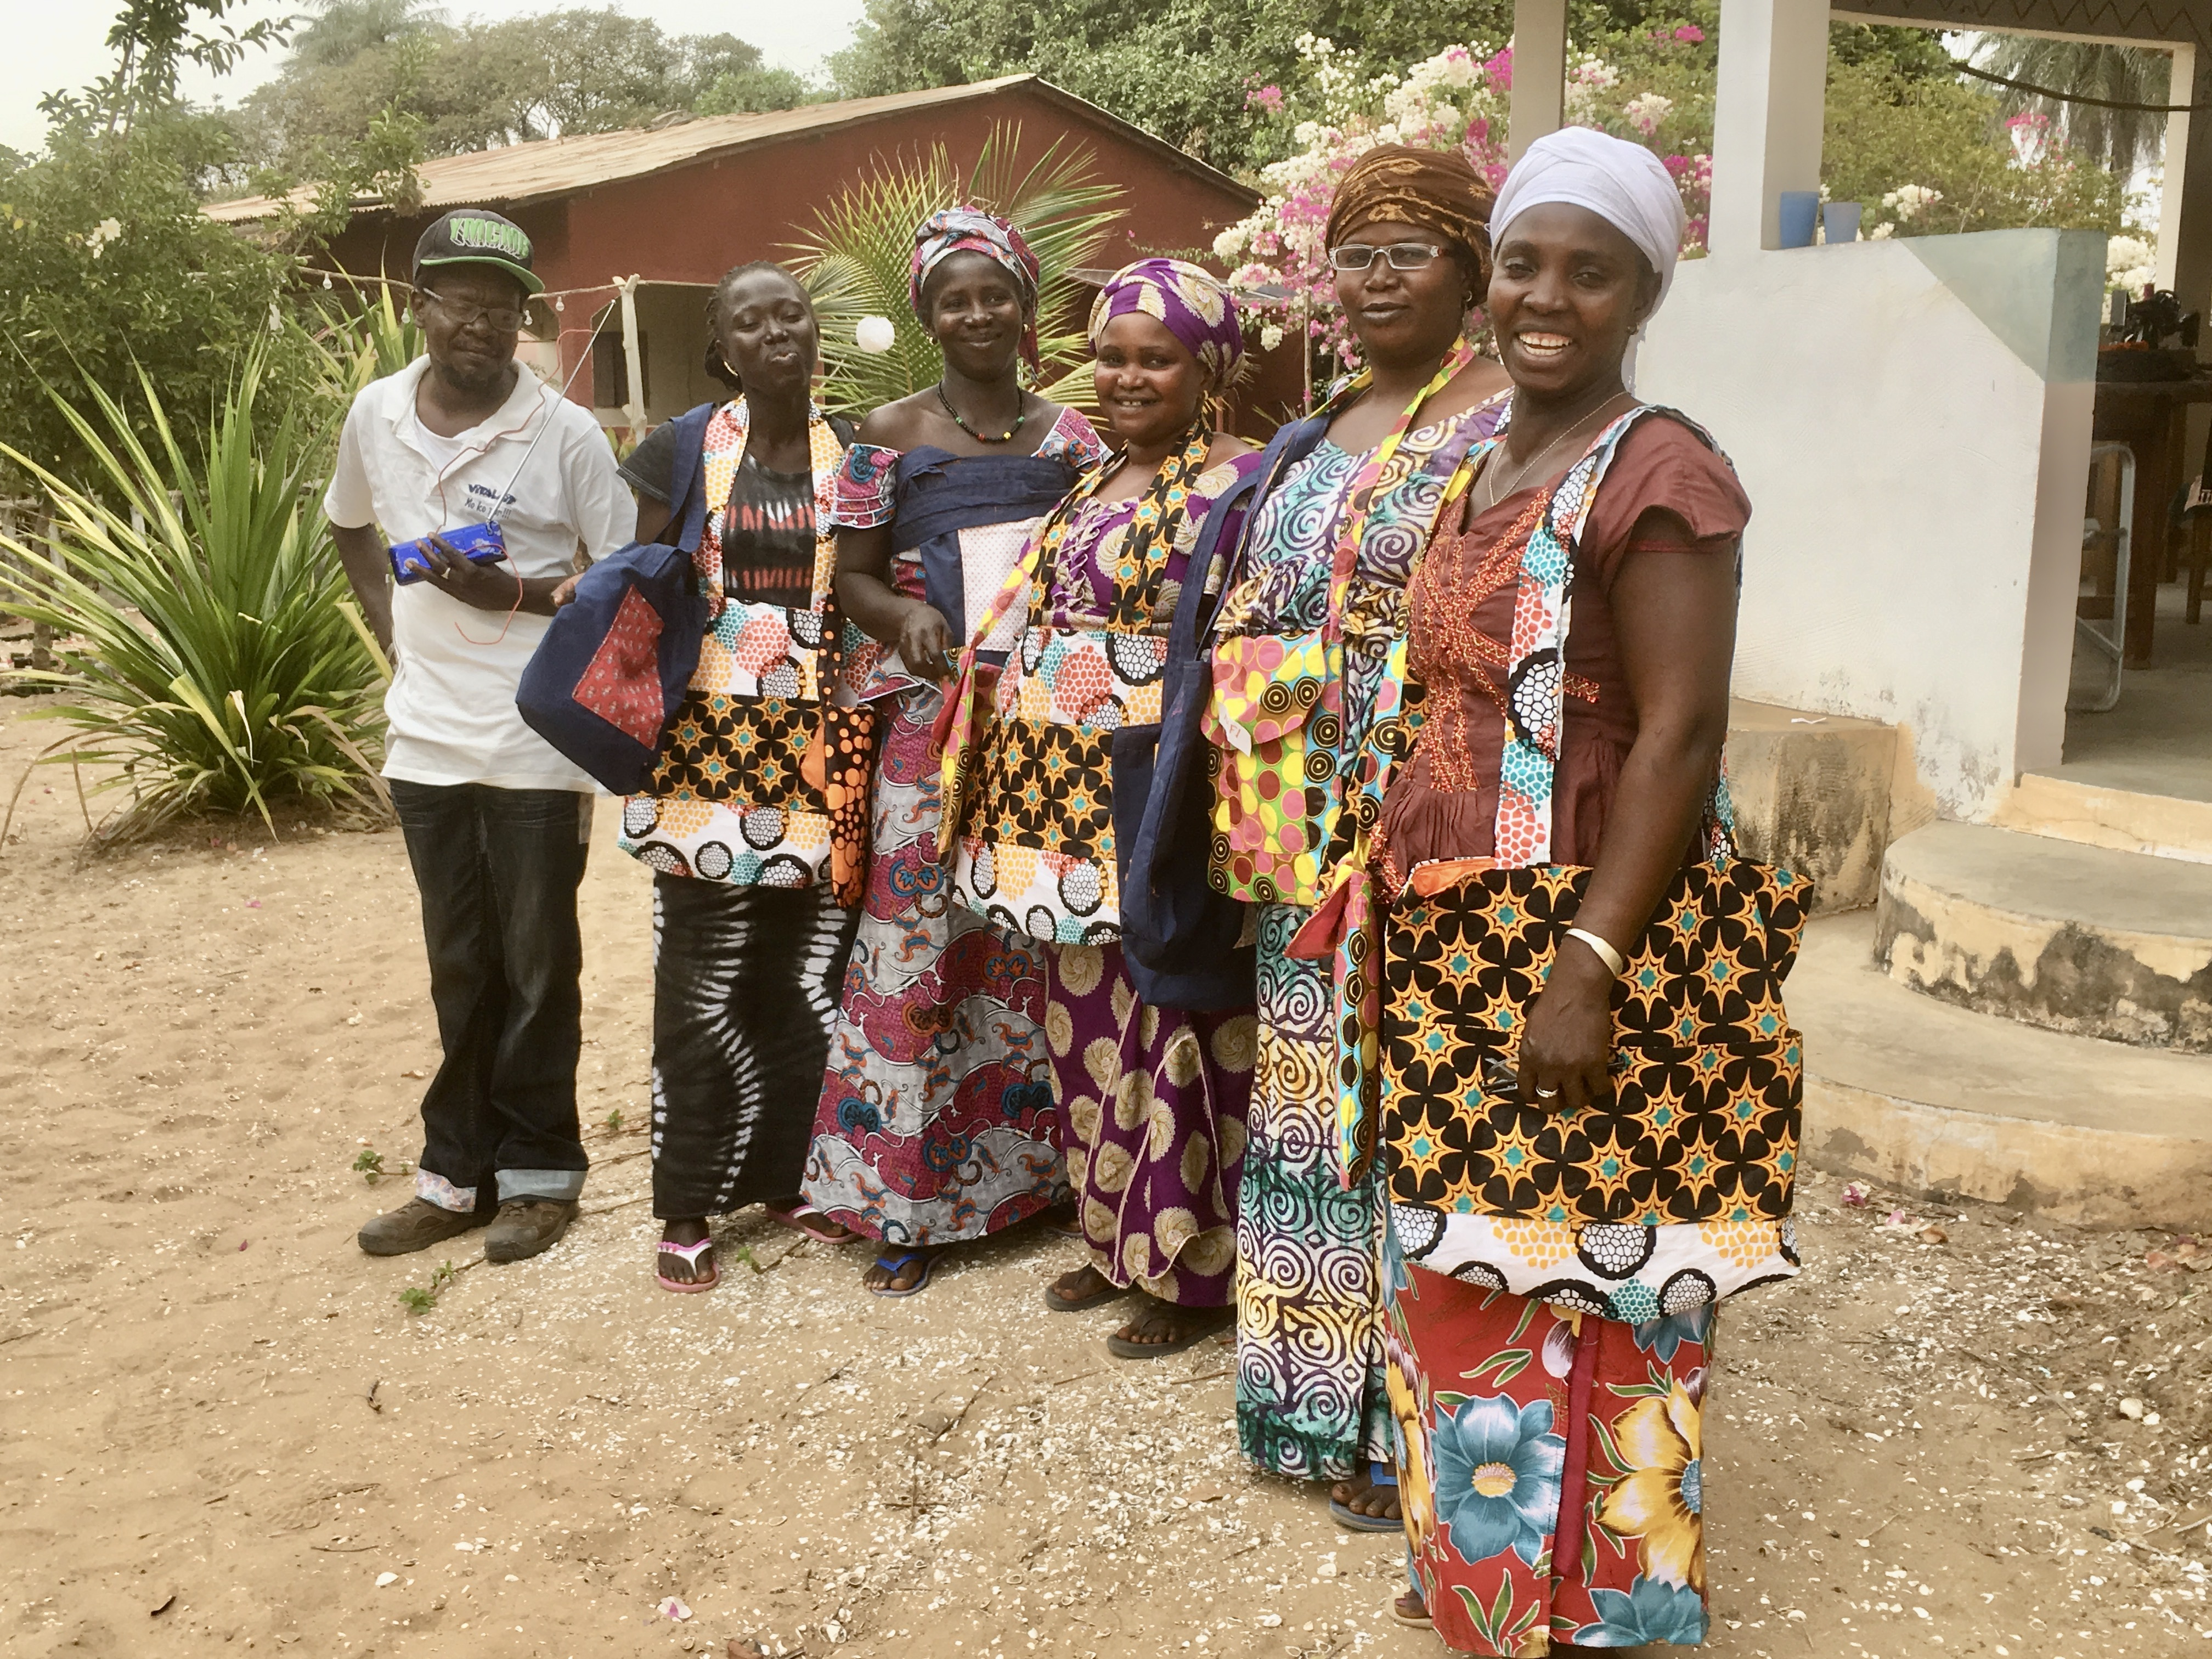 Kvinner med handlenett de har sydd som alternativ til plastbæreposer